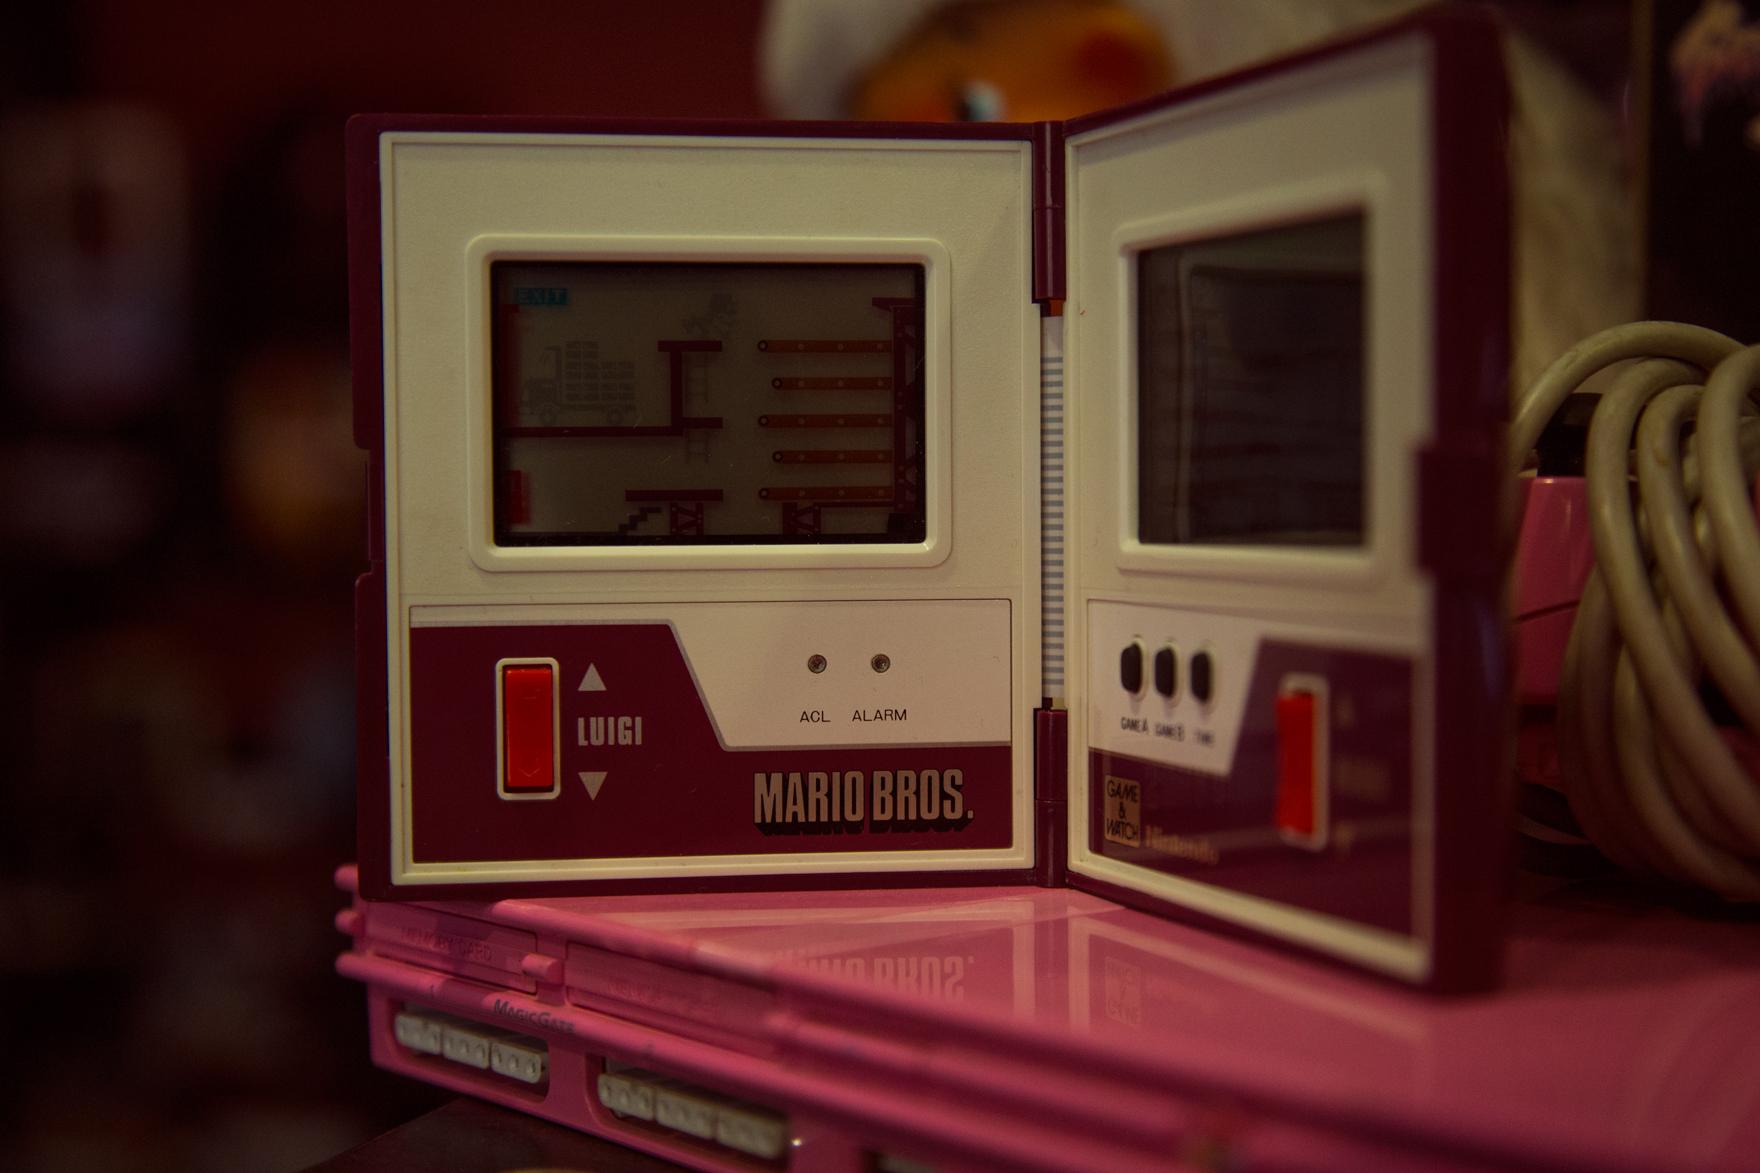 Νintendo Game & Watch 1983 - Super Mario Brothers (προσοχή μη σας πέσουν οι πίτσες)